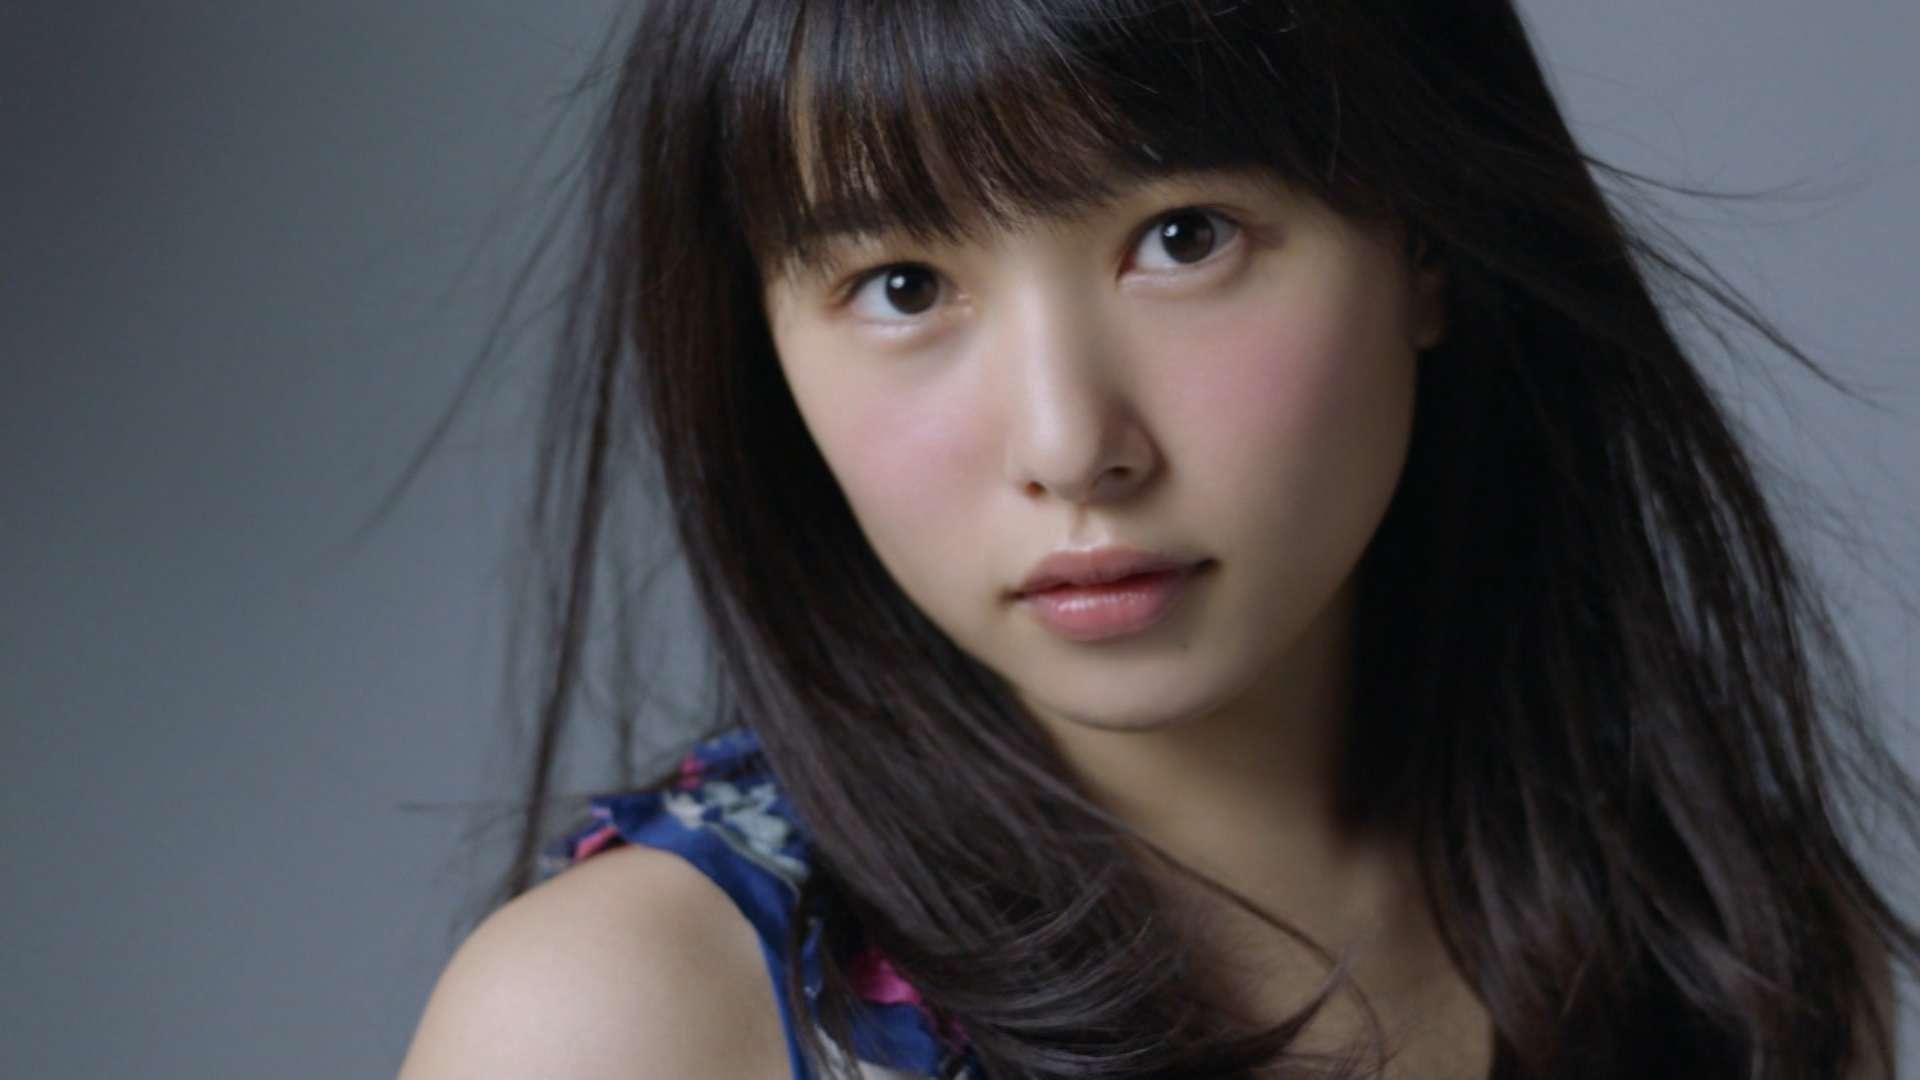 桜井日奈子 『岡山の奇跡』の可愛すぎるCMキャプ画像(エロ・アイコラ画像)